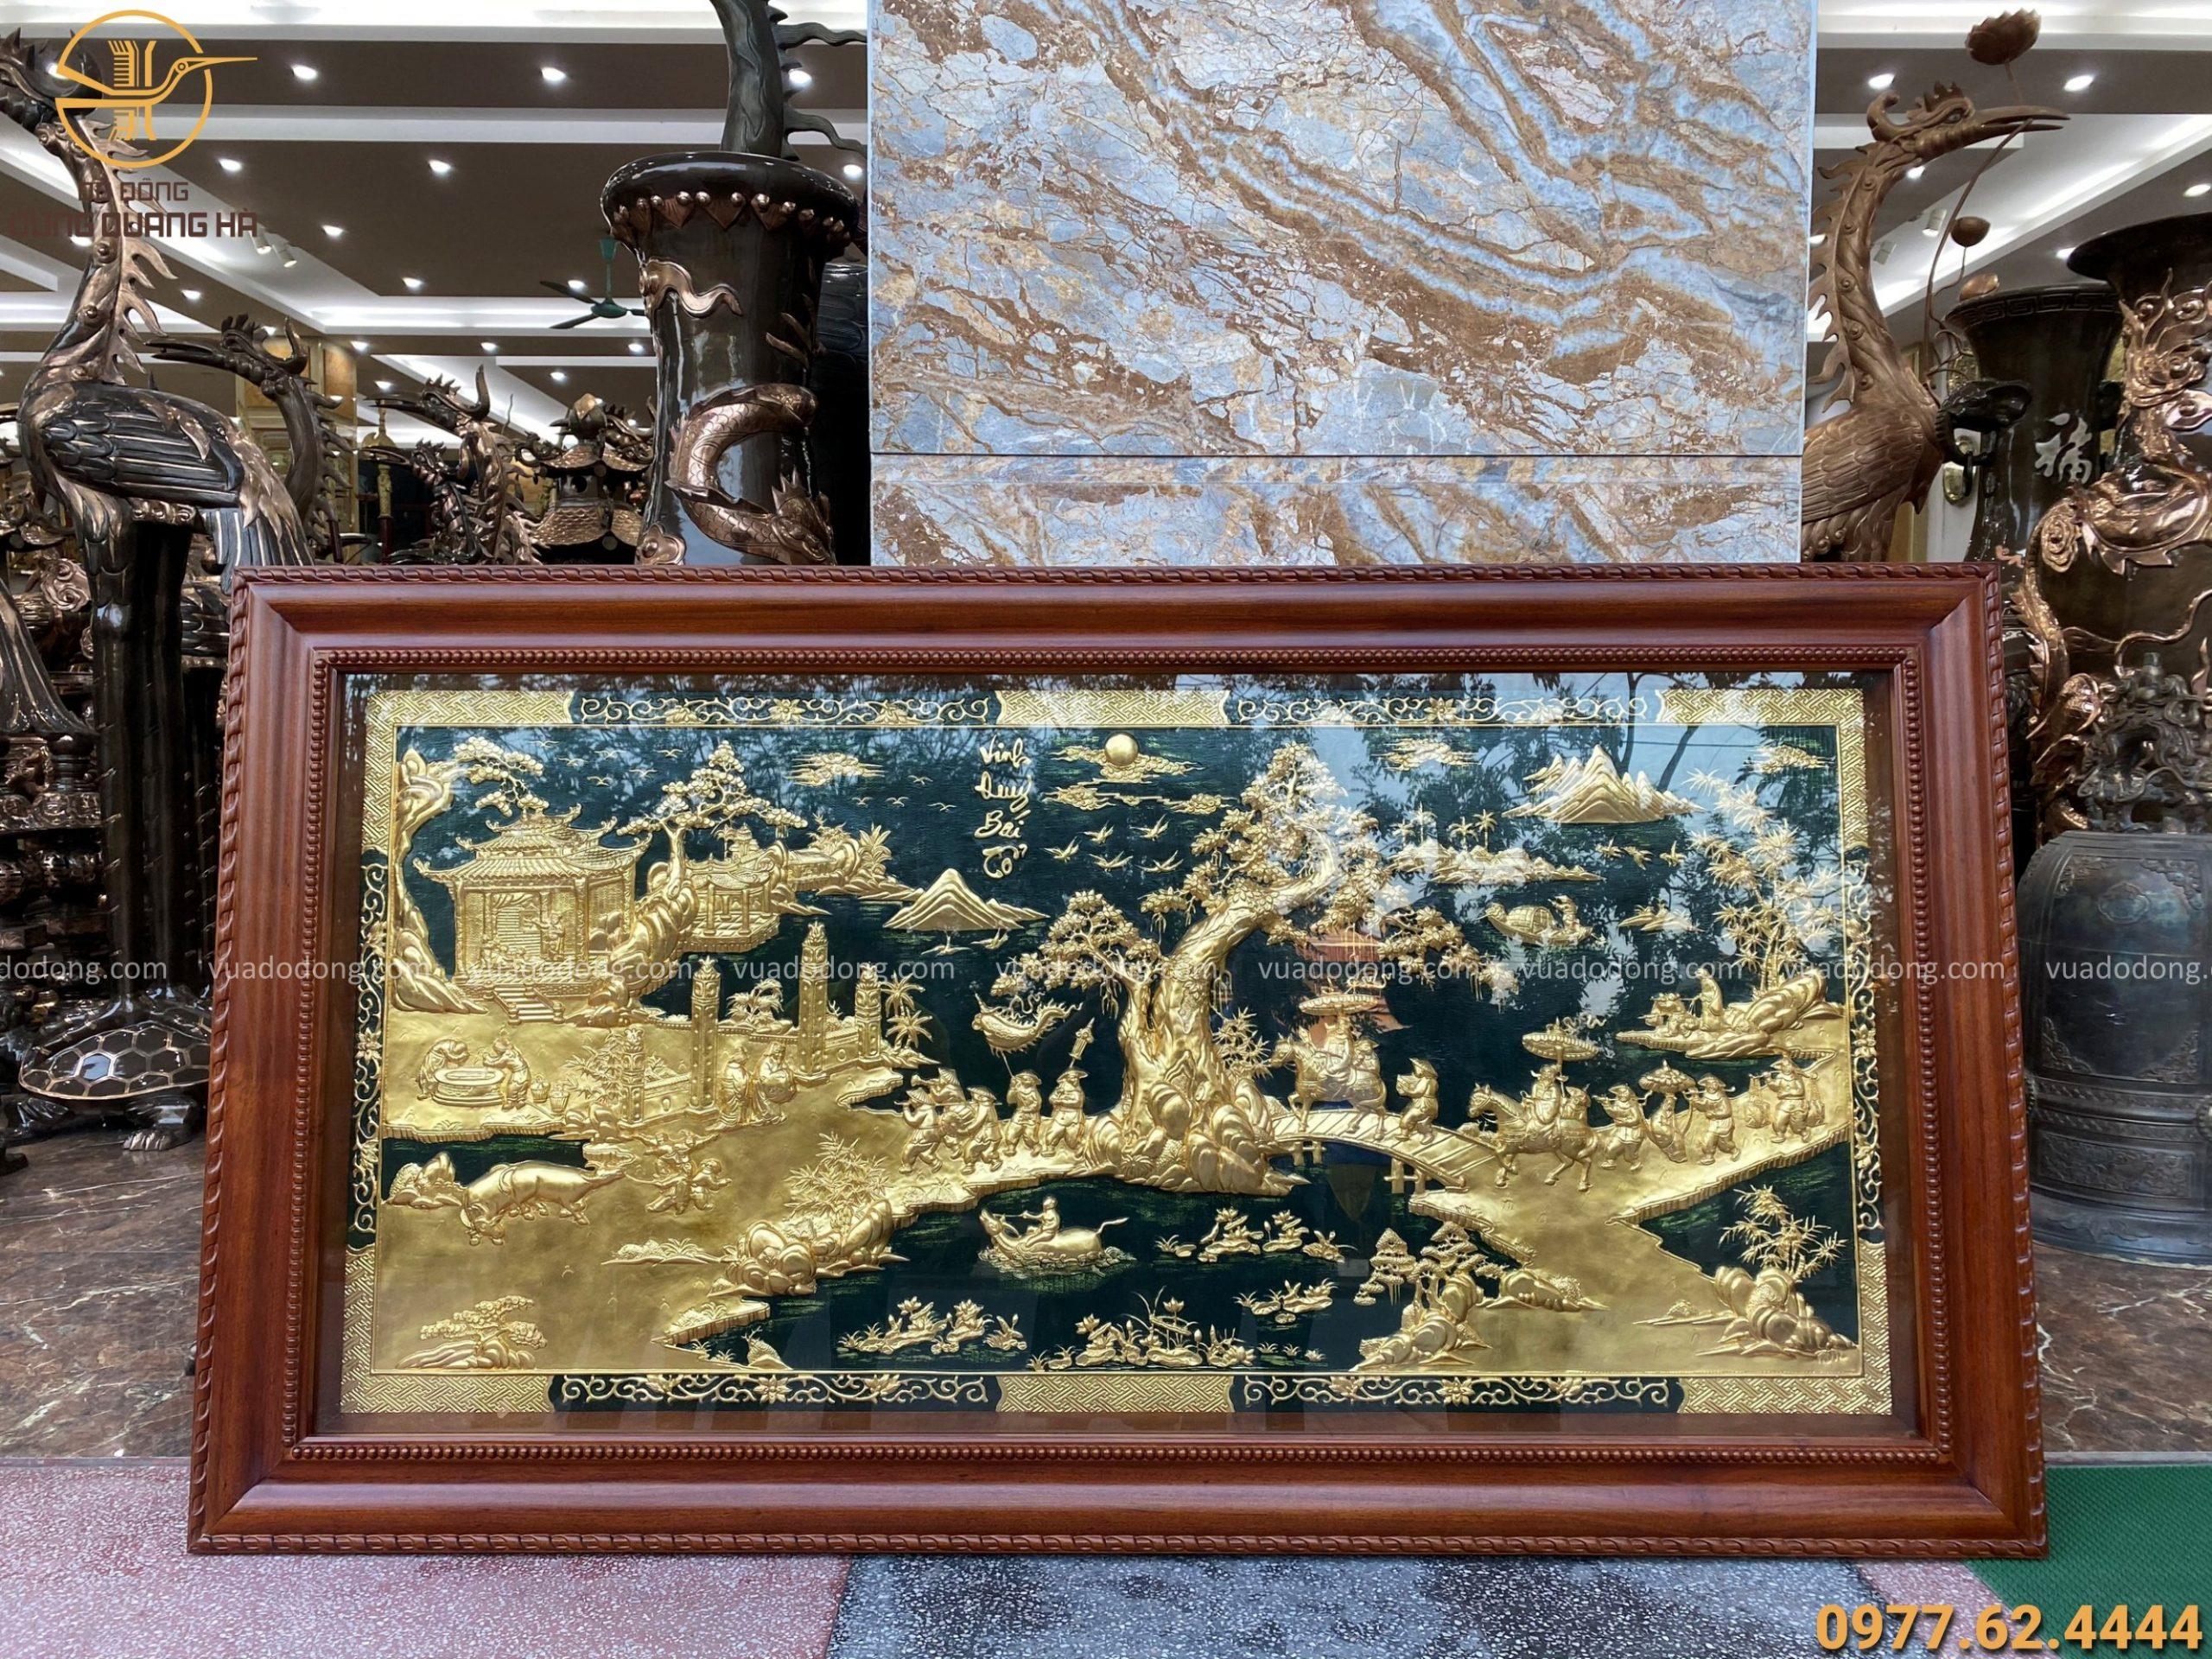 Tranh vinh quy bái tổ bằng đồng thếp vàng 9999 kích thước 2m3